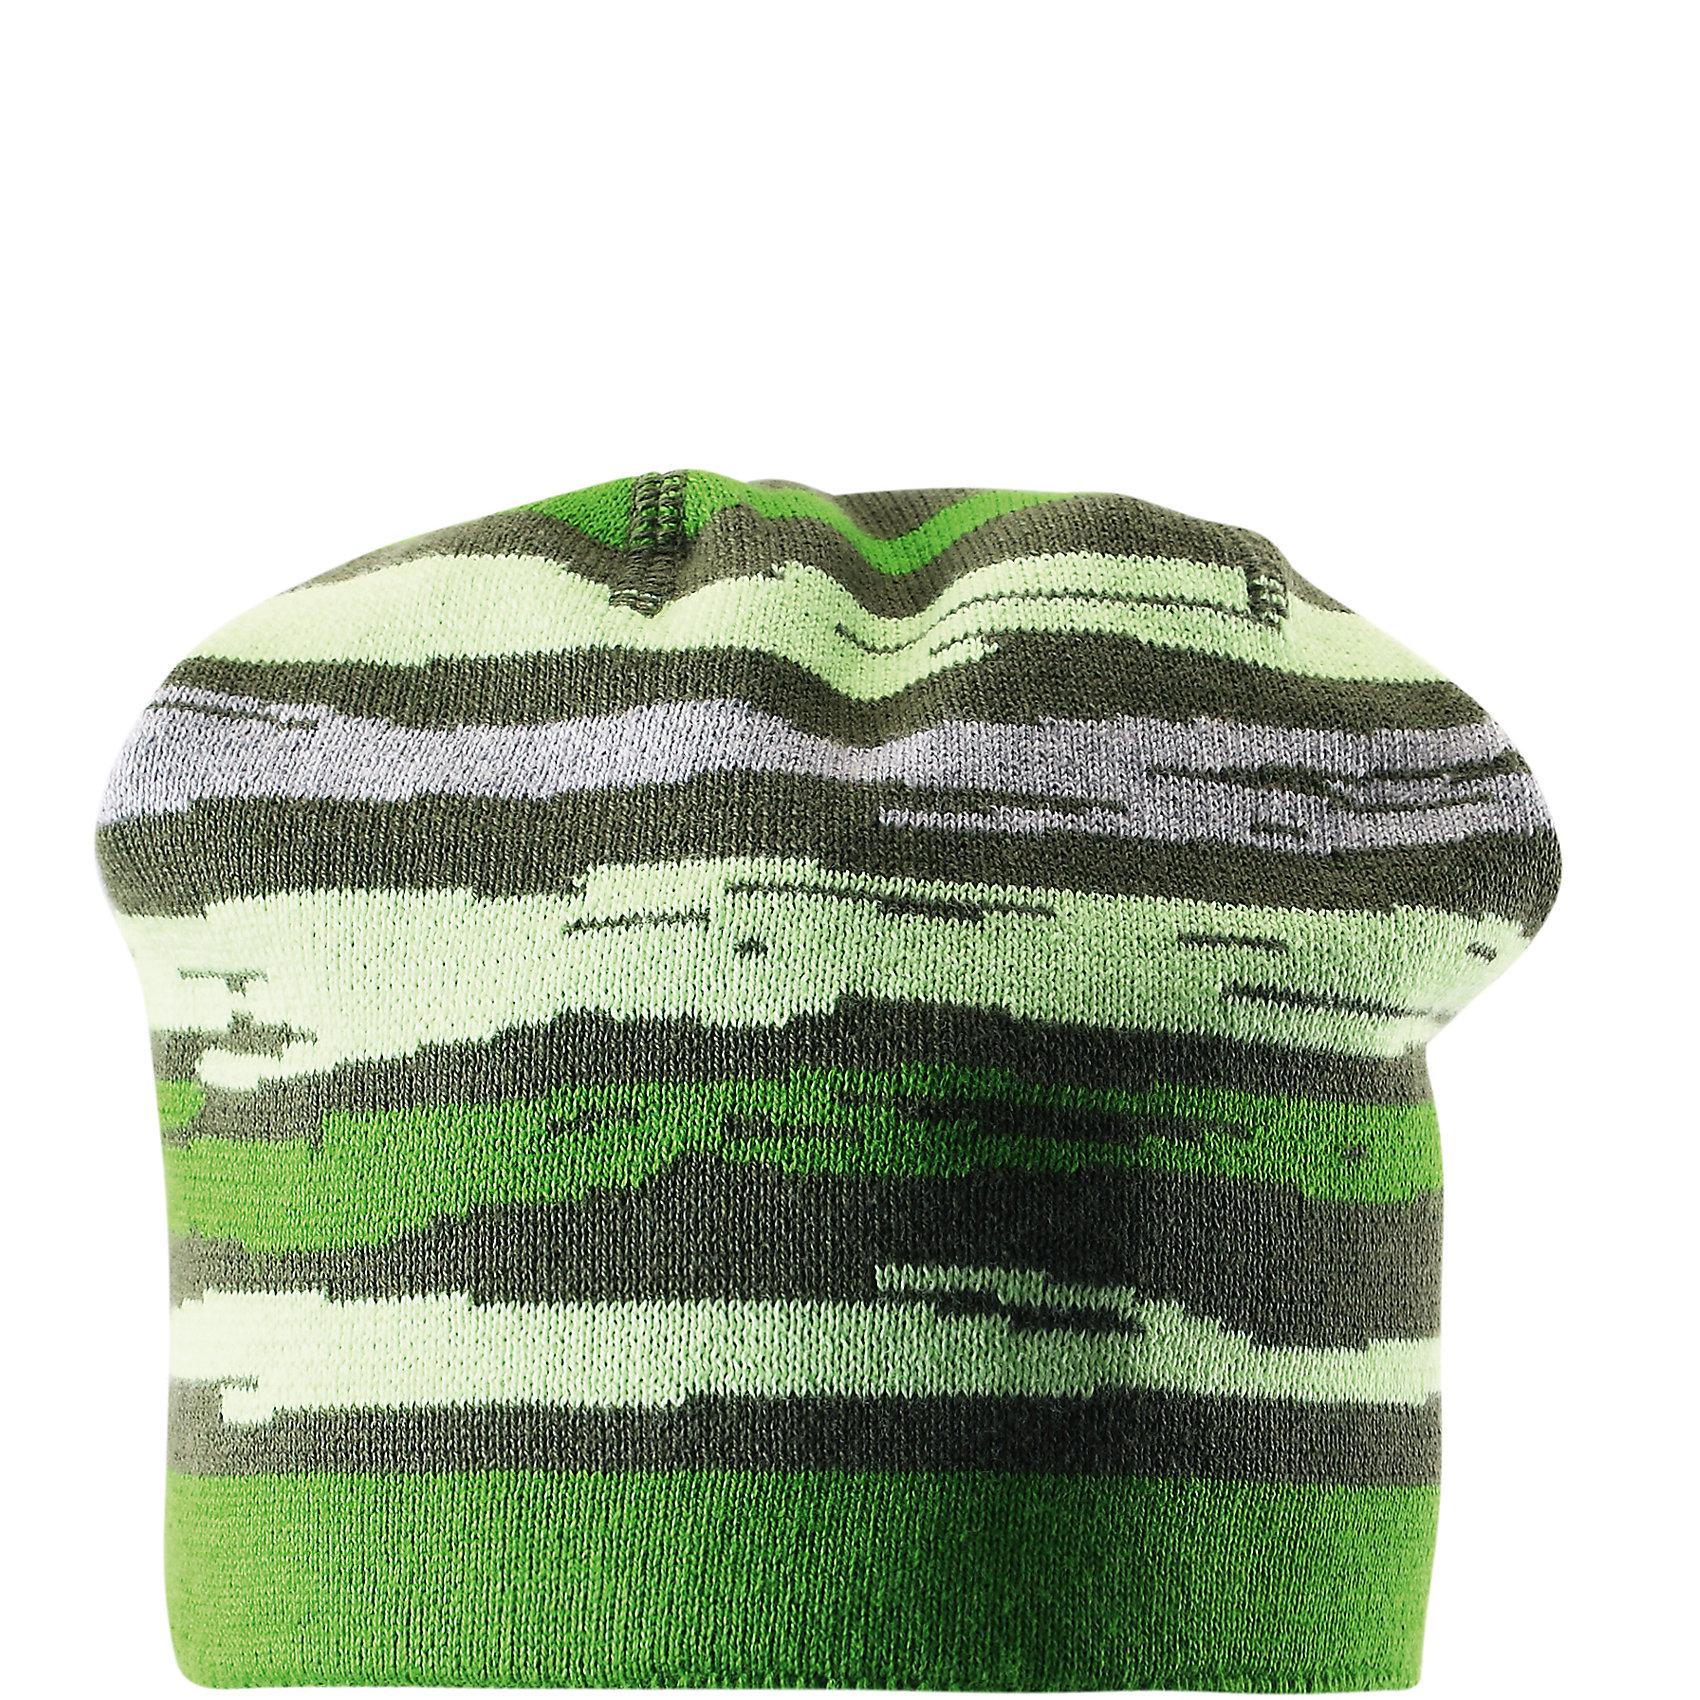 Шапка для мальчика ReimaШапки и шарфы<br>Эта повседневная шапочка из хлопка для детей и подростков украшена красочными полосками! Она изготовлена из мягкого и дышащего вязаного материала, очень приятного на ощупь. Красивая жаккардовая вязка смотрится просто супер. <br><br>Дополнительная информация:<br><br>Шапка «Бини» для детей<br>Эластичная хлопчатобумажная ткань<br>Логотип Reima® сзади<br>Жаккардовый вязаный узор по всей поверхности<br>Состав:<br>100% хлопок<br>Уход:<br>Стирать по отдельности, вывернув наизнанку. Придать первоначальную форму вo влажном виде. Возможна усадка 5 %.<br><br>Ширина мм: 89<br>Глубина мм: 117<br>Высота мм: 44<br>Вес г: 155<br>Цвет: зеленый<br>Возраст от месяцев: 36<br>Возраст до месяцев: 48<br>Пол: Мужской<br>Возраст: Детский<br>Размер: 52,50,54,56<br>SKU: 4498178